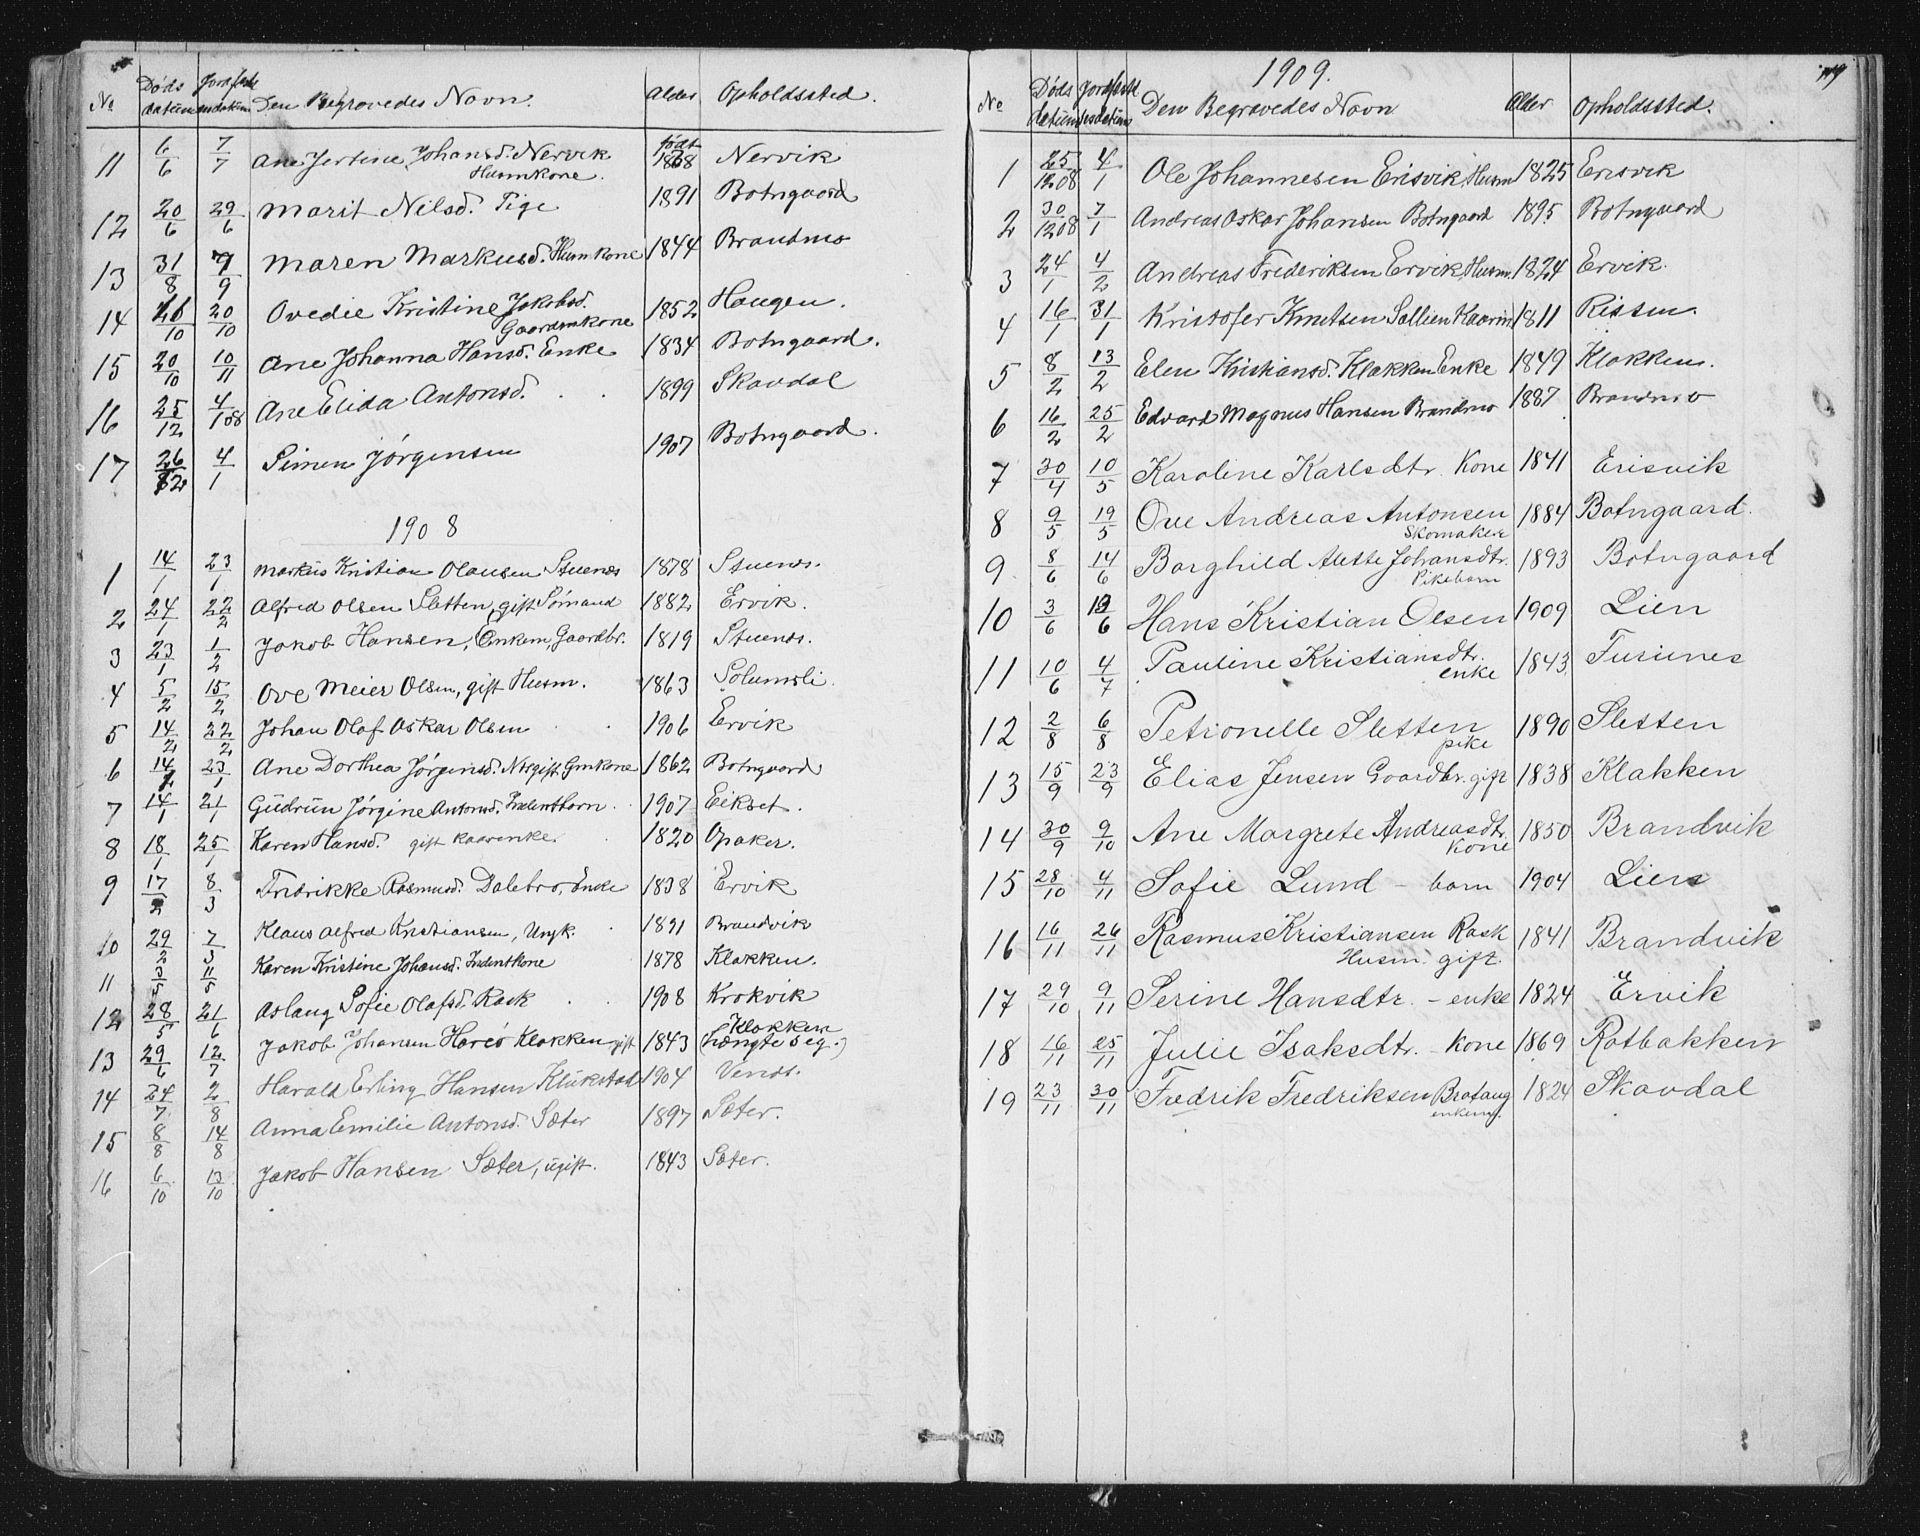 SAT, Ministerialprotokoller, klokkerbøker og fødselsregistre - Sør-Trøndelag, 651/L0647: Klokkerbok nr. 651C01, 1866-1914, s. 119